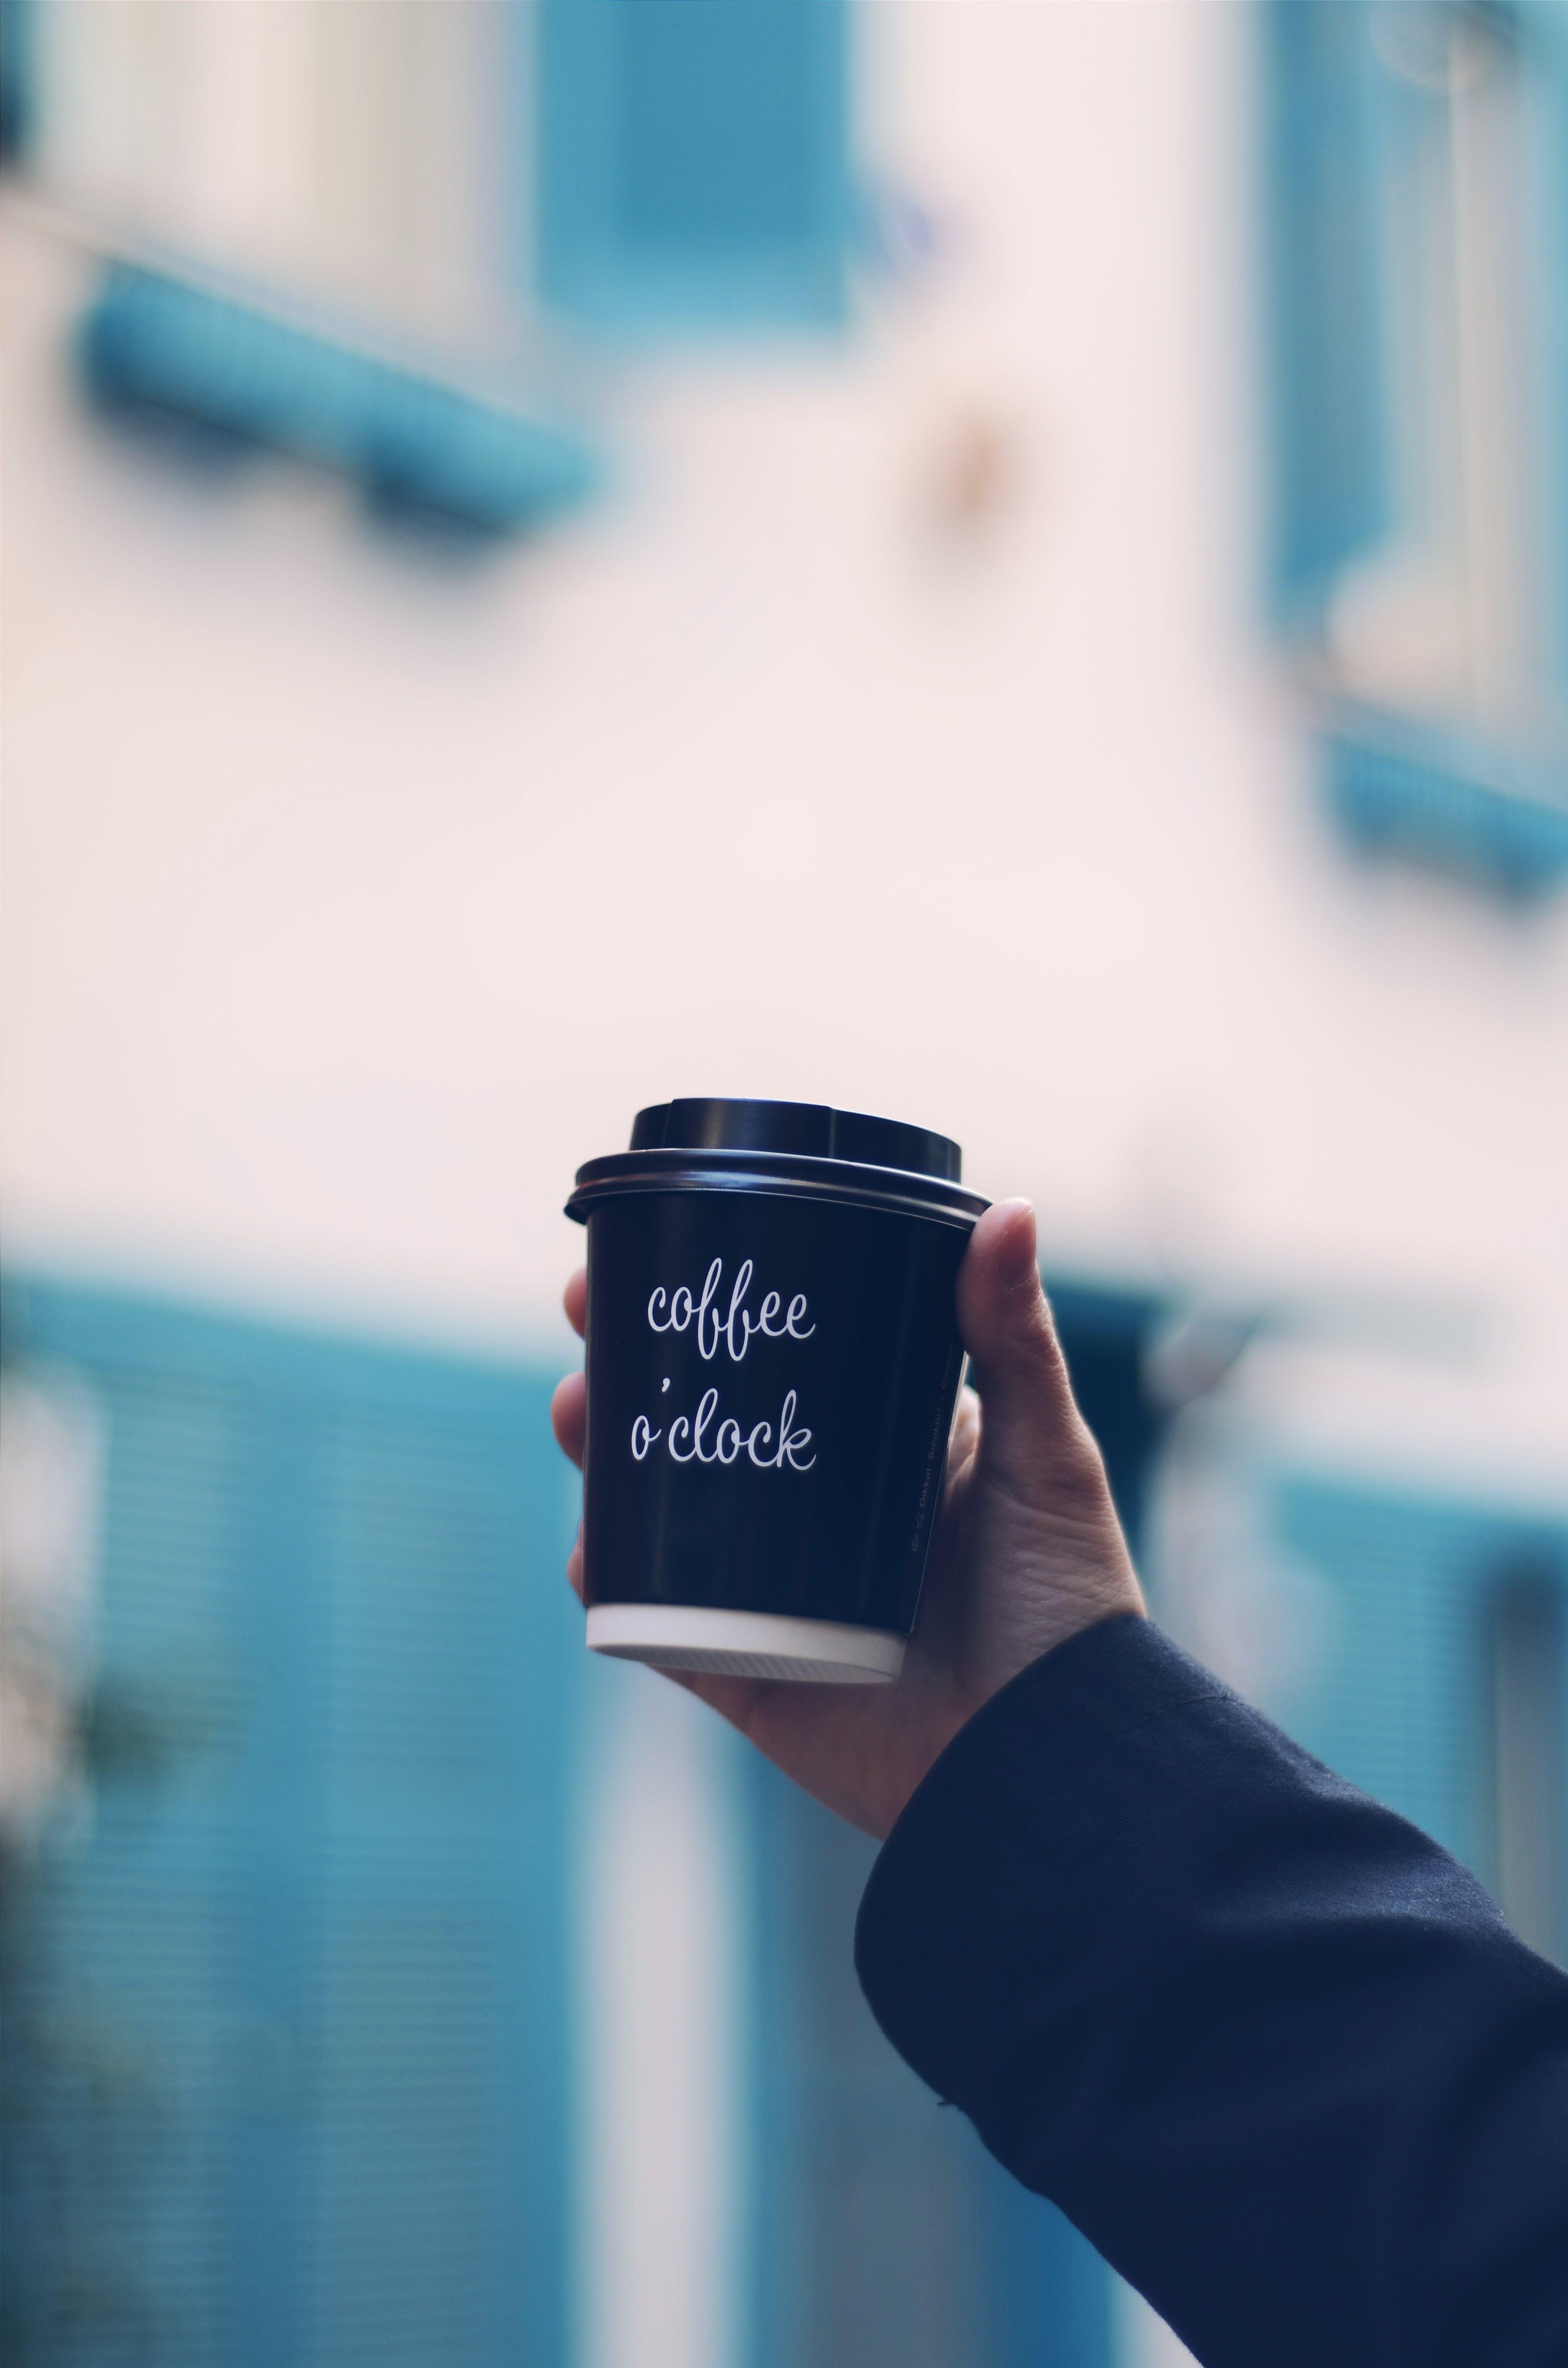 Δωρεάν στοκ φωτογραφιών με βάθος πεδίου, εστιάζω, θολούρα, καφές